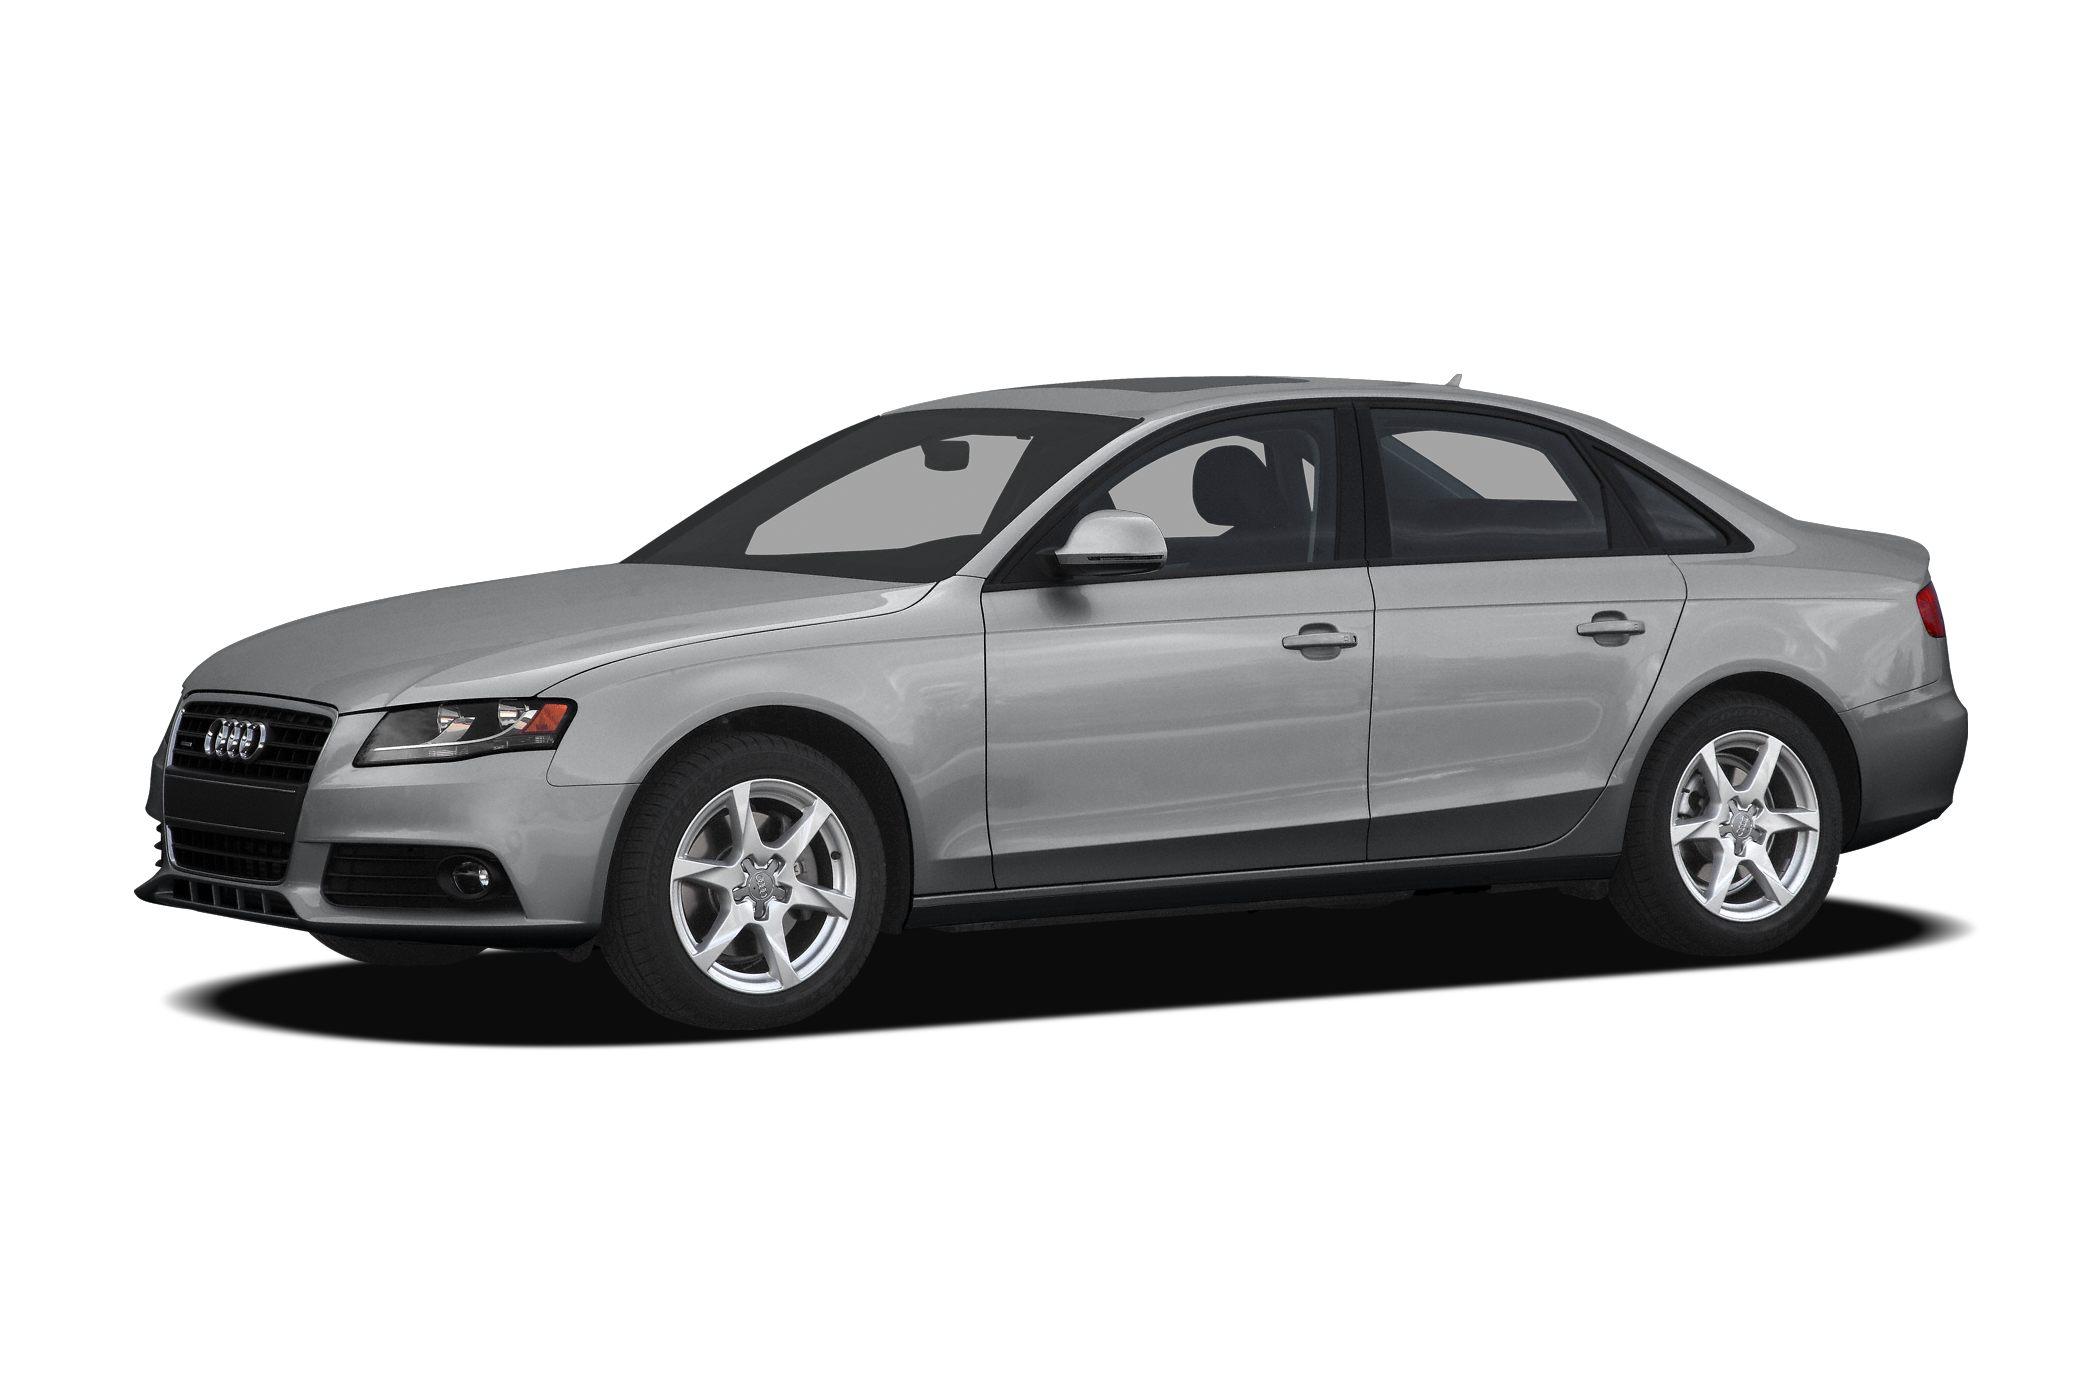 2010 Audi A4 2.0T Premium Quattro Sedan for sale in Cedar Rapids for $18,900 with 90,720 miles